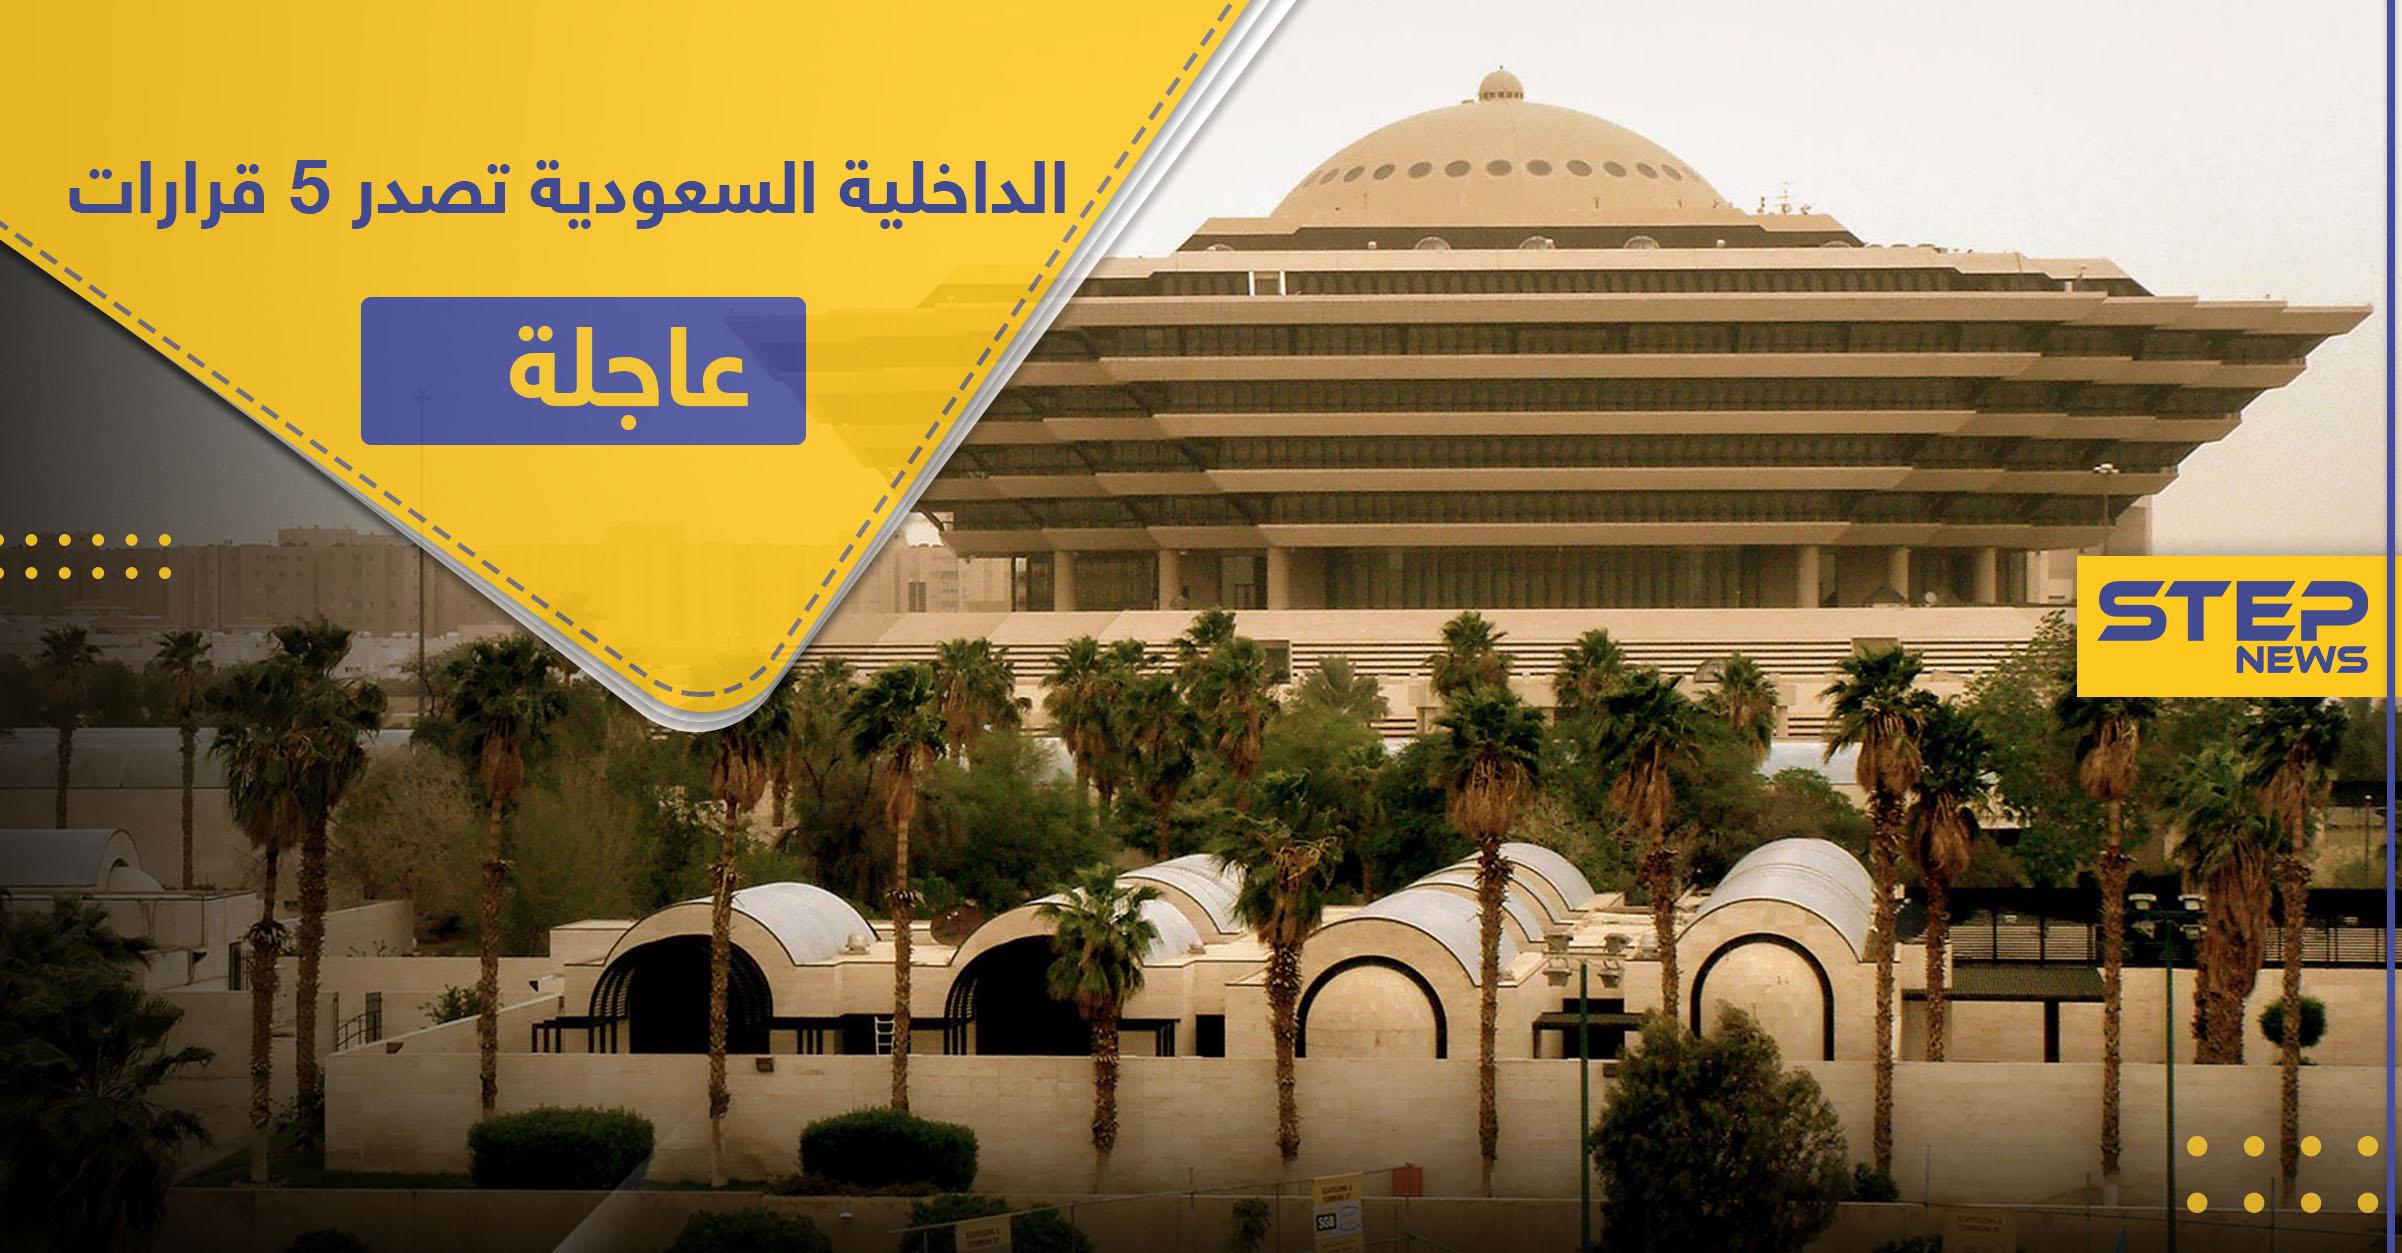 قرارات عاجلة من الداخلية السعودية